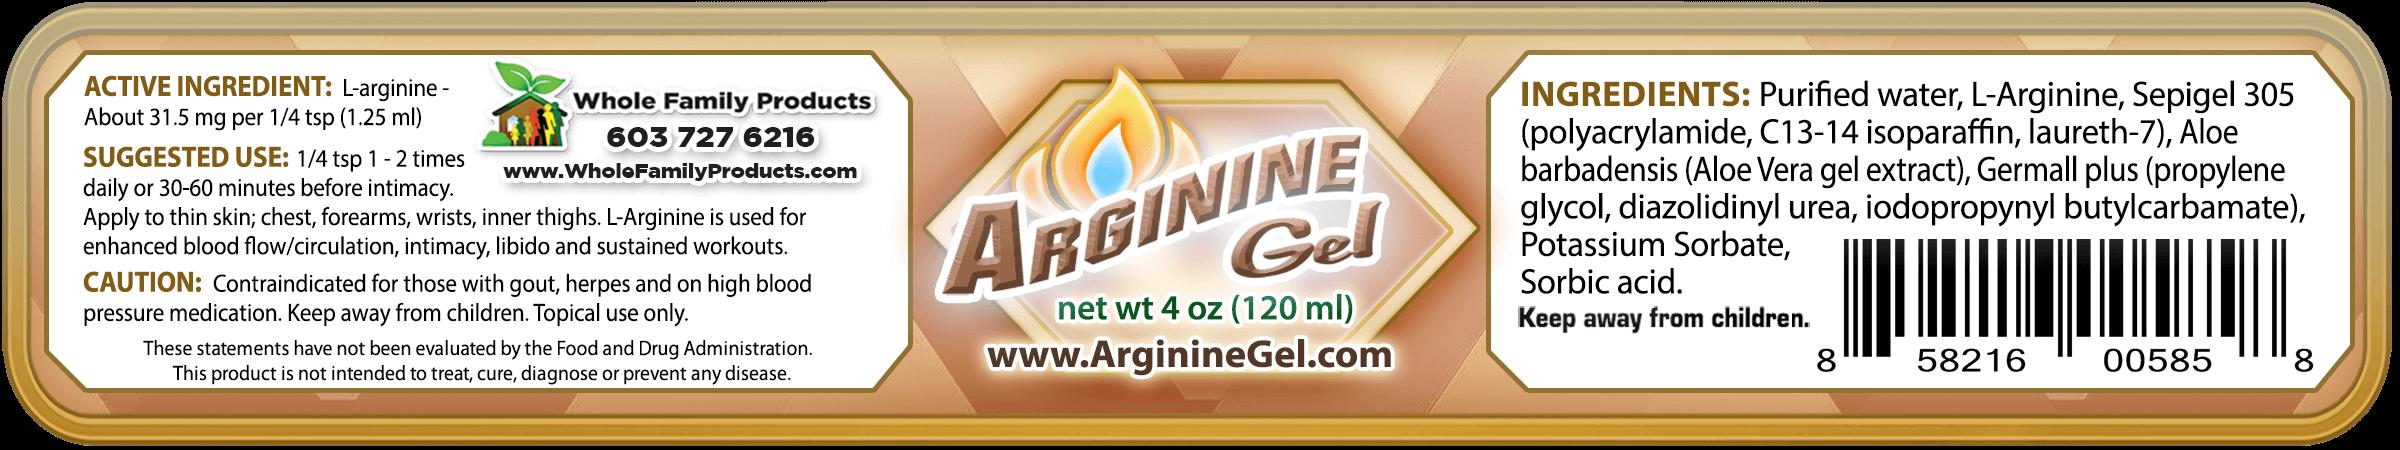 Arginine Gel 4oz Jar WFP Label